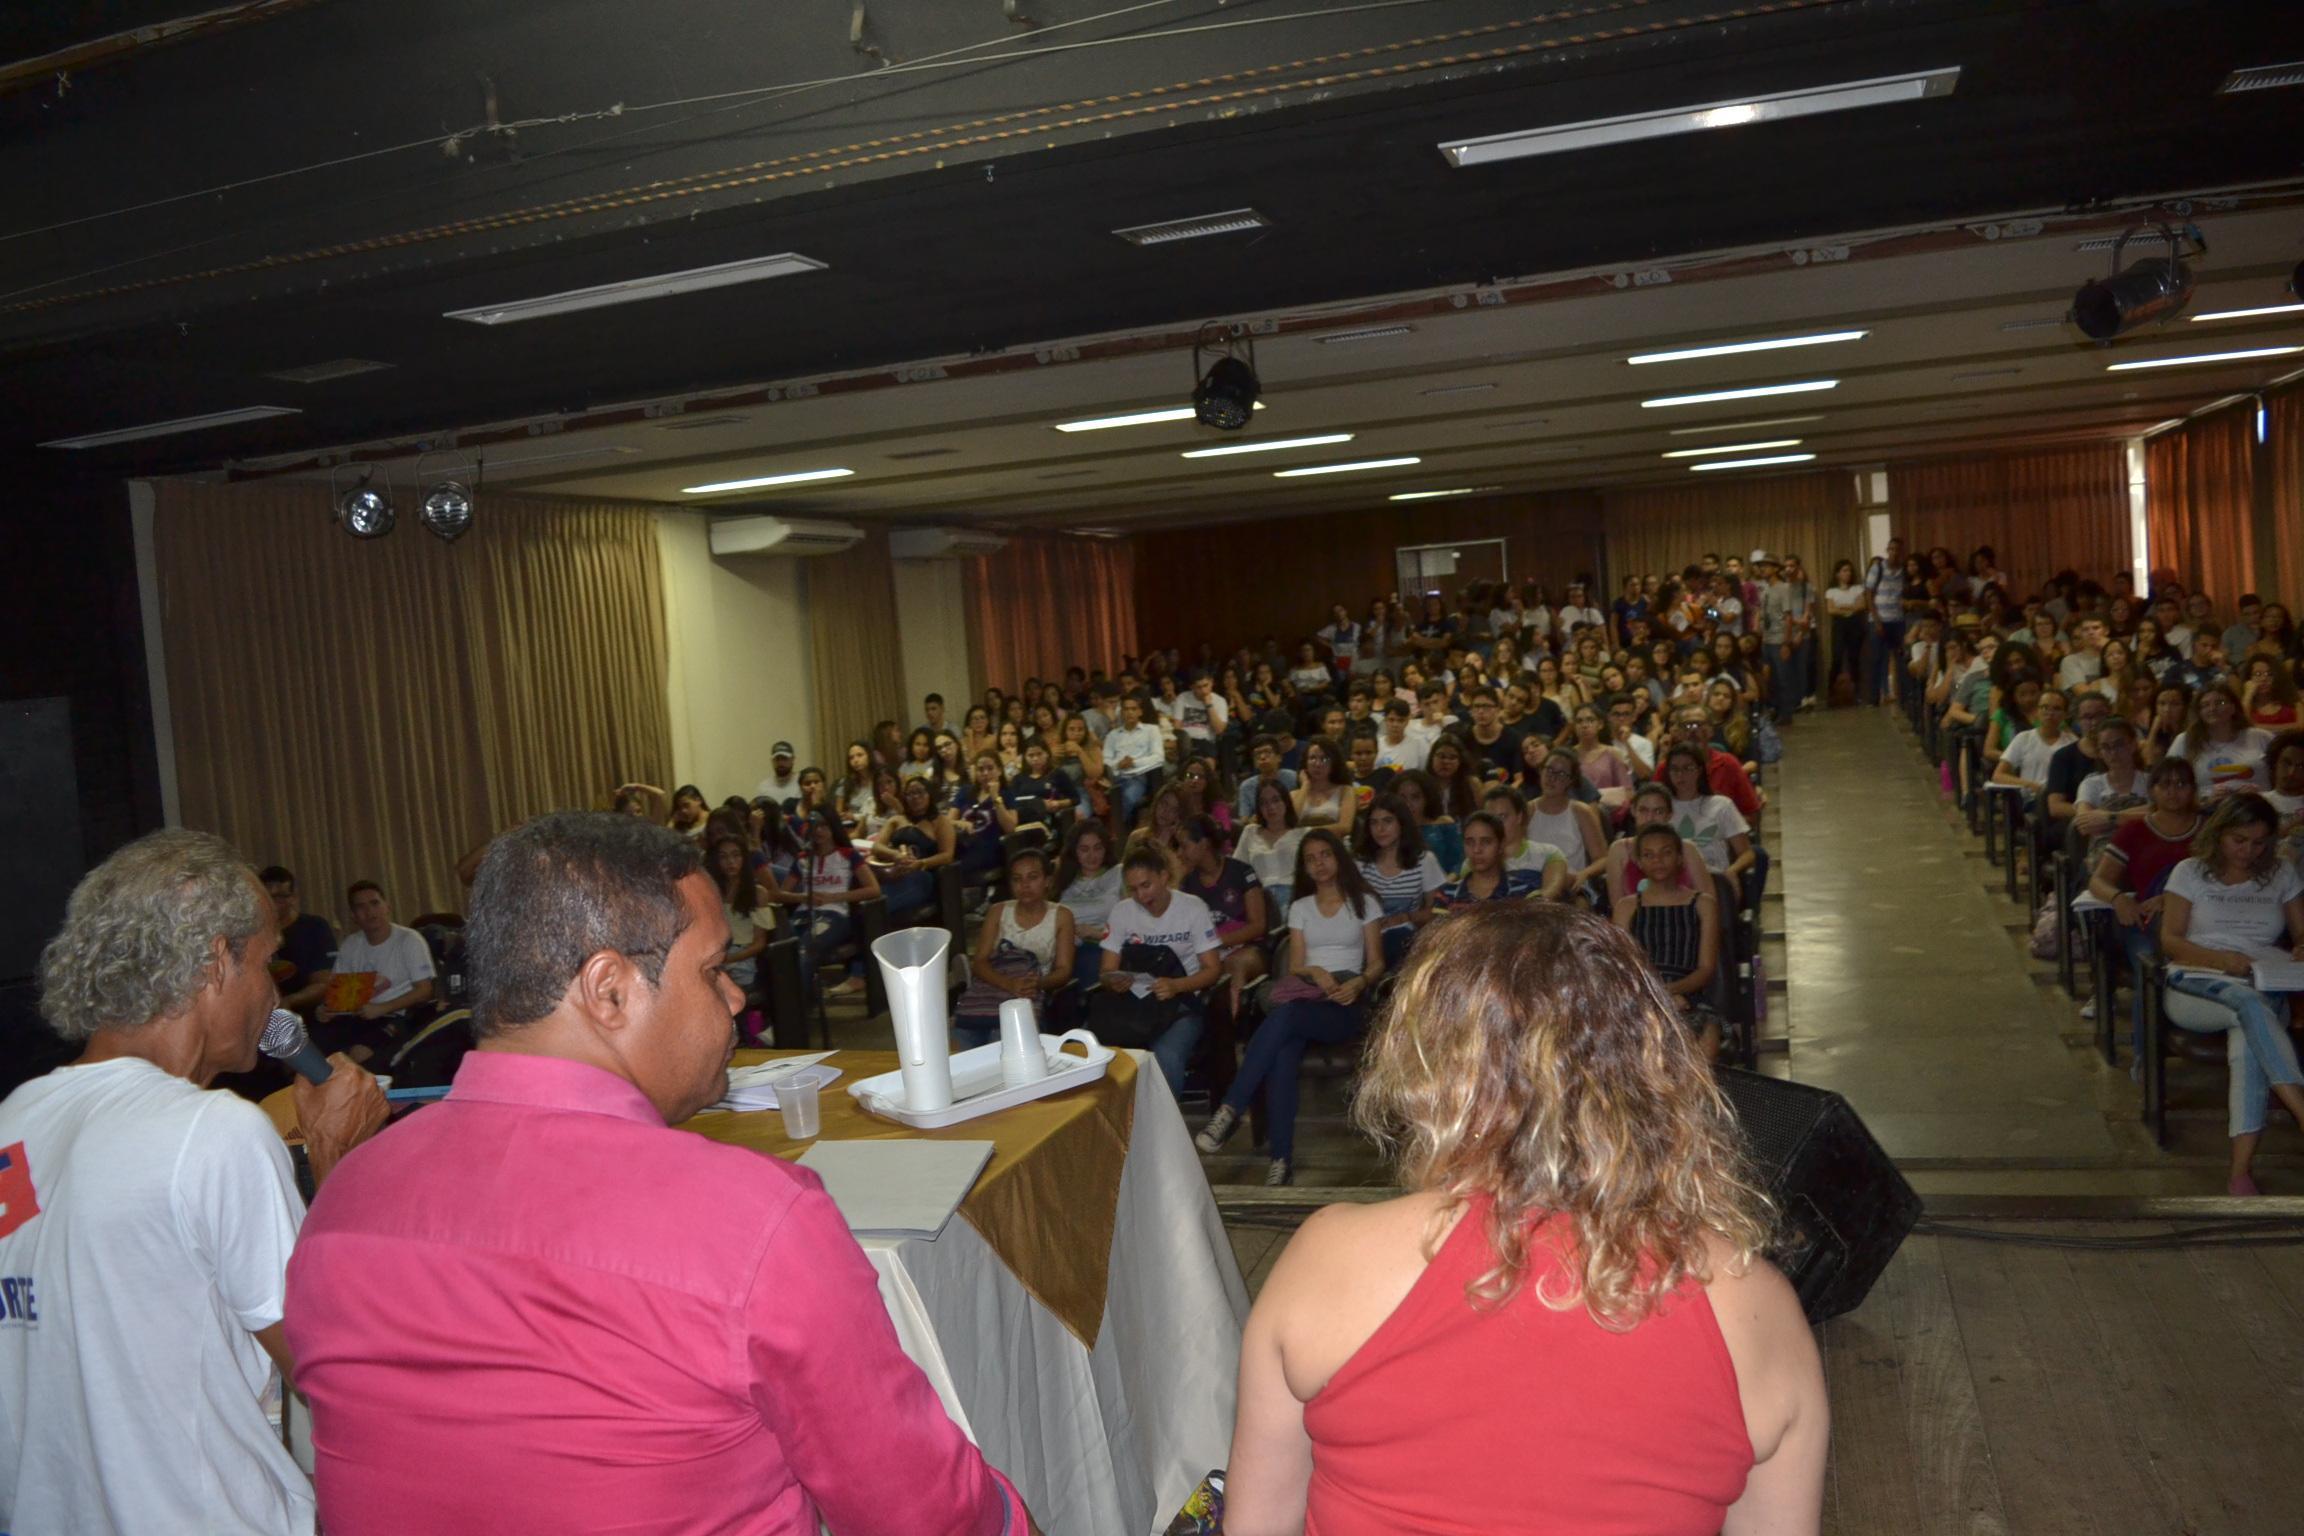 Imagem de destaque 33° FESTIVAL DE ARTE CONTEMPORÂNEA PSIU POÉTICO - Palestra sobre as obras da terceira etapa do PAES é um dos destaques desta quinta-feira